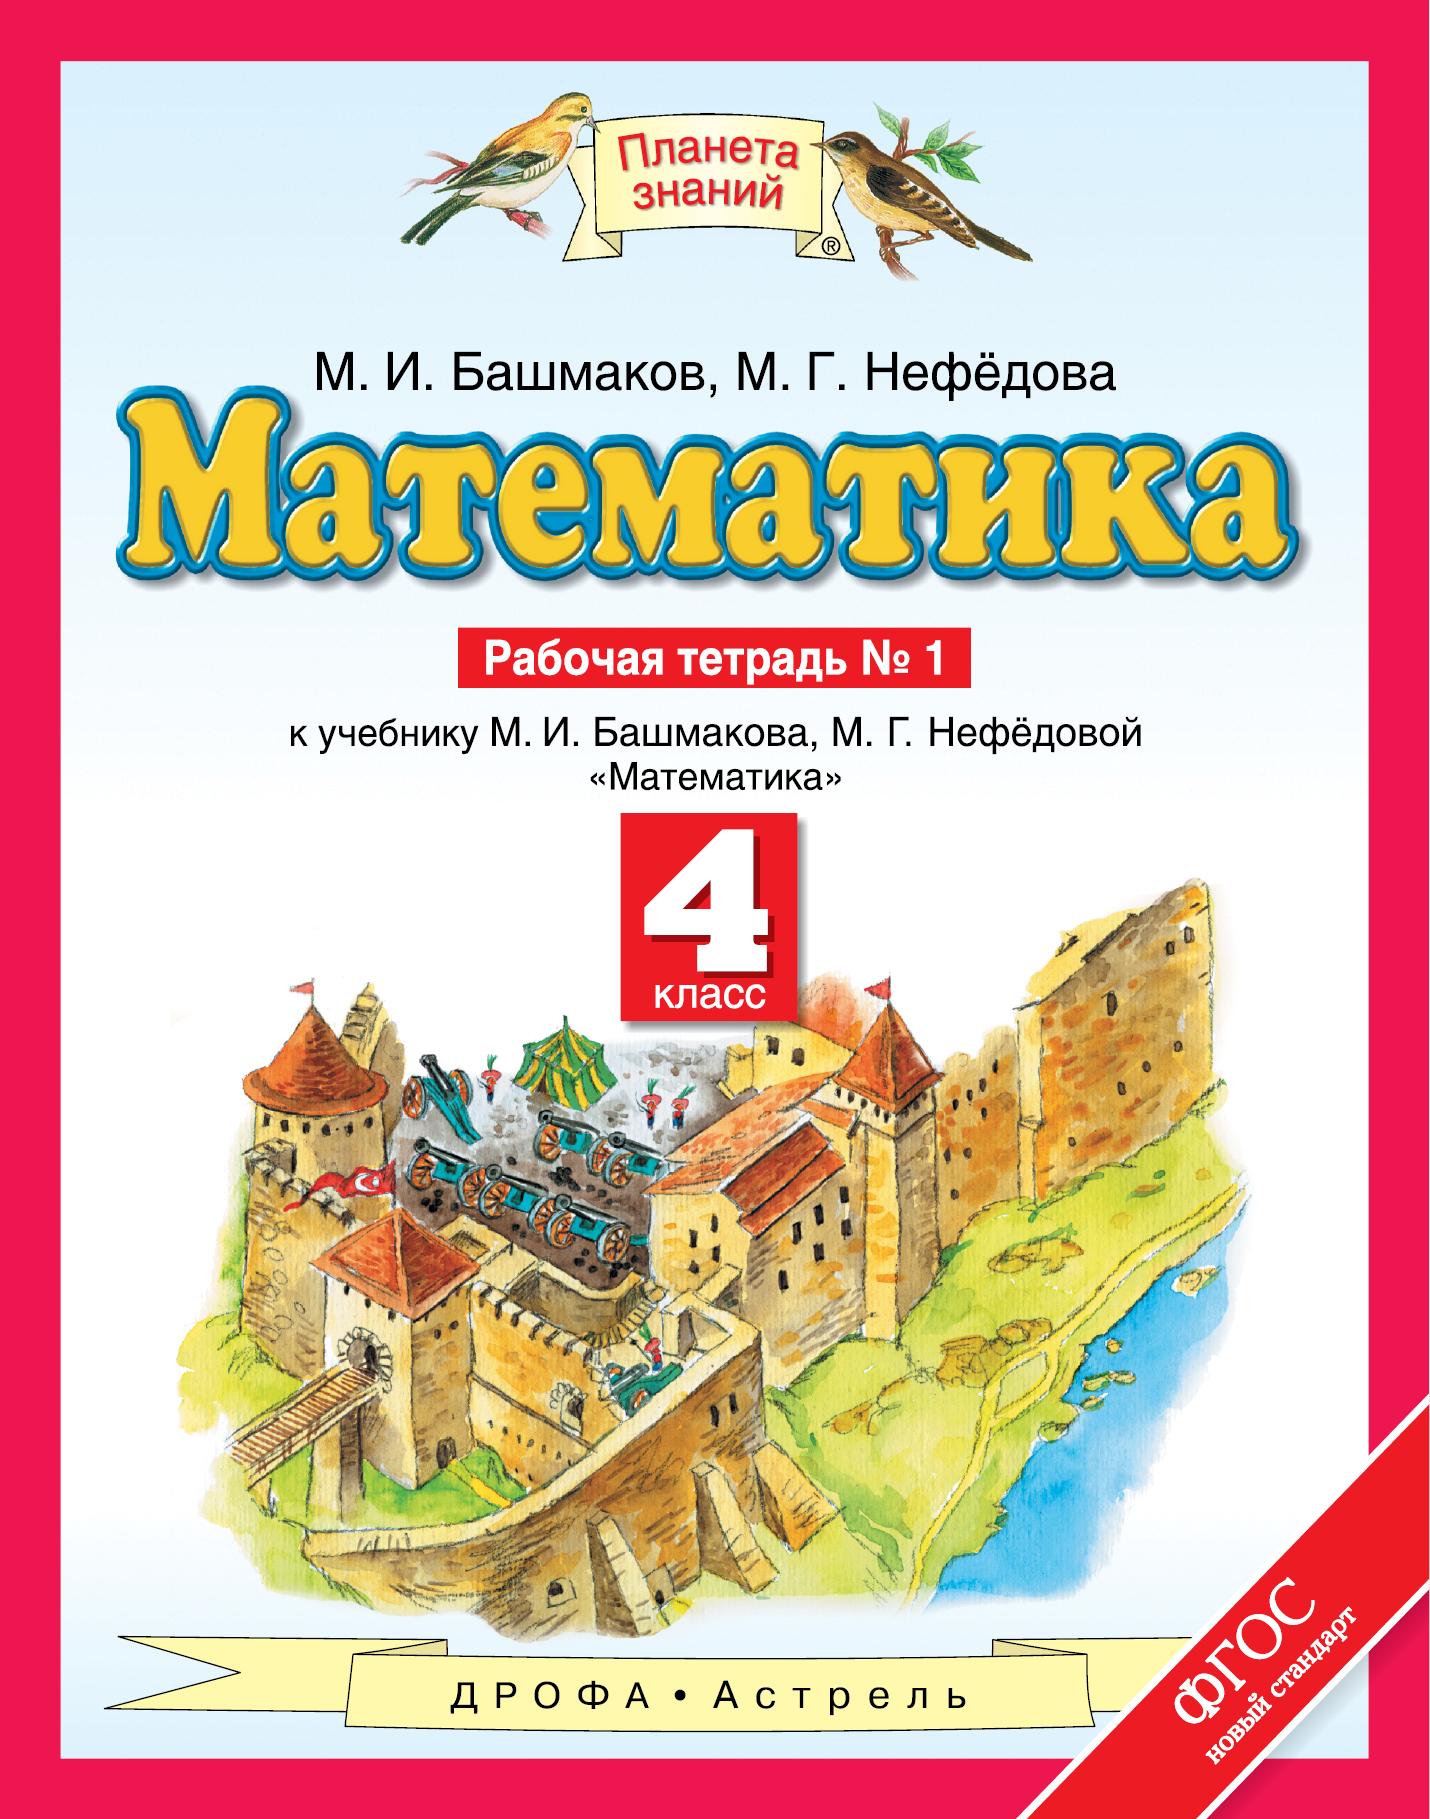 Математика. 4 класс. Рабочая тетрадь №1 от book24.ru